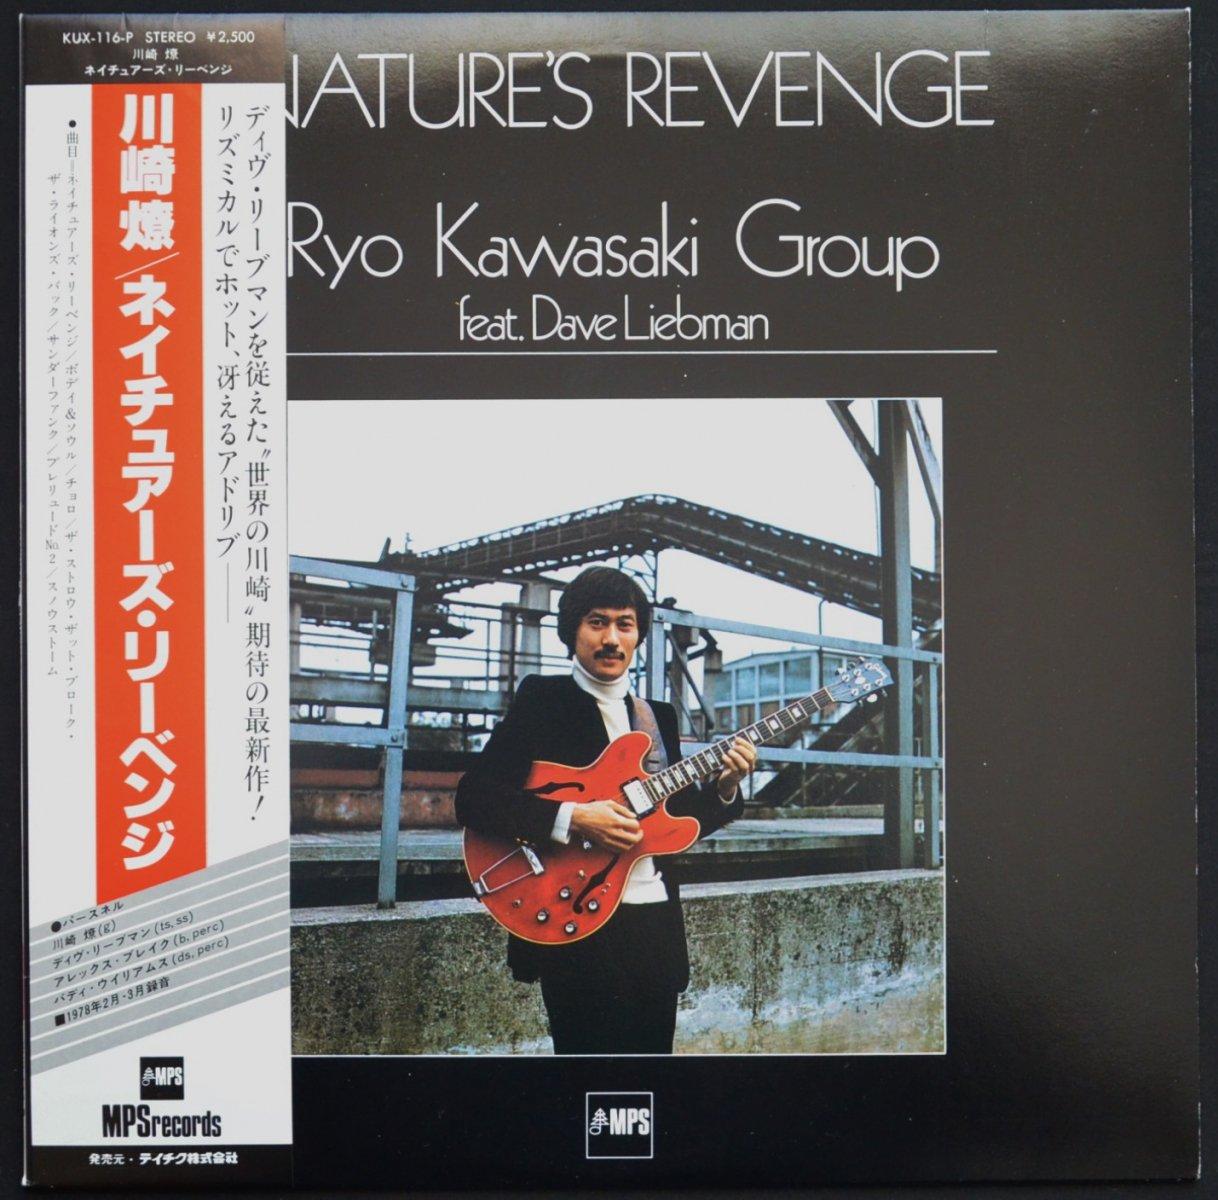 川崎燎 RYO KAWASAKI GROUP FEAT.DAVE LIEBMAN / ネイチュアーズ・リーベンジ NATURE'S REVENGE (LP)